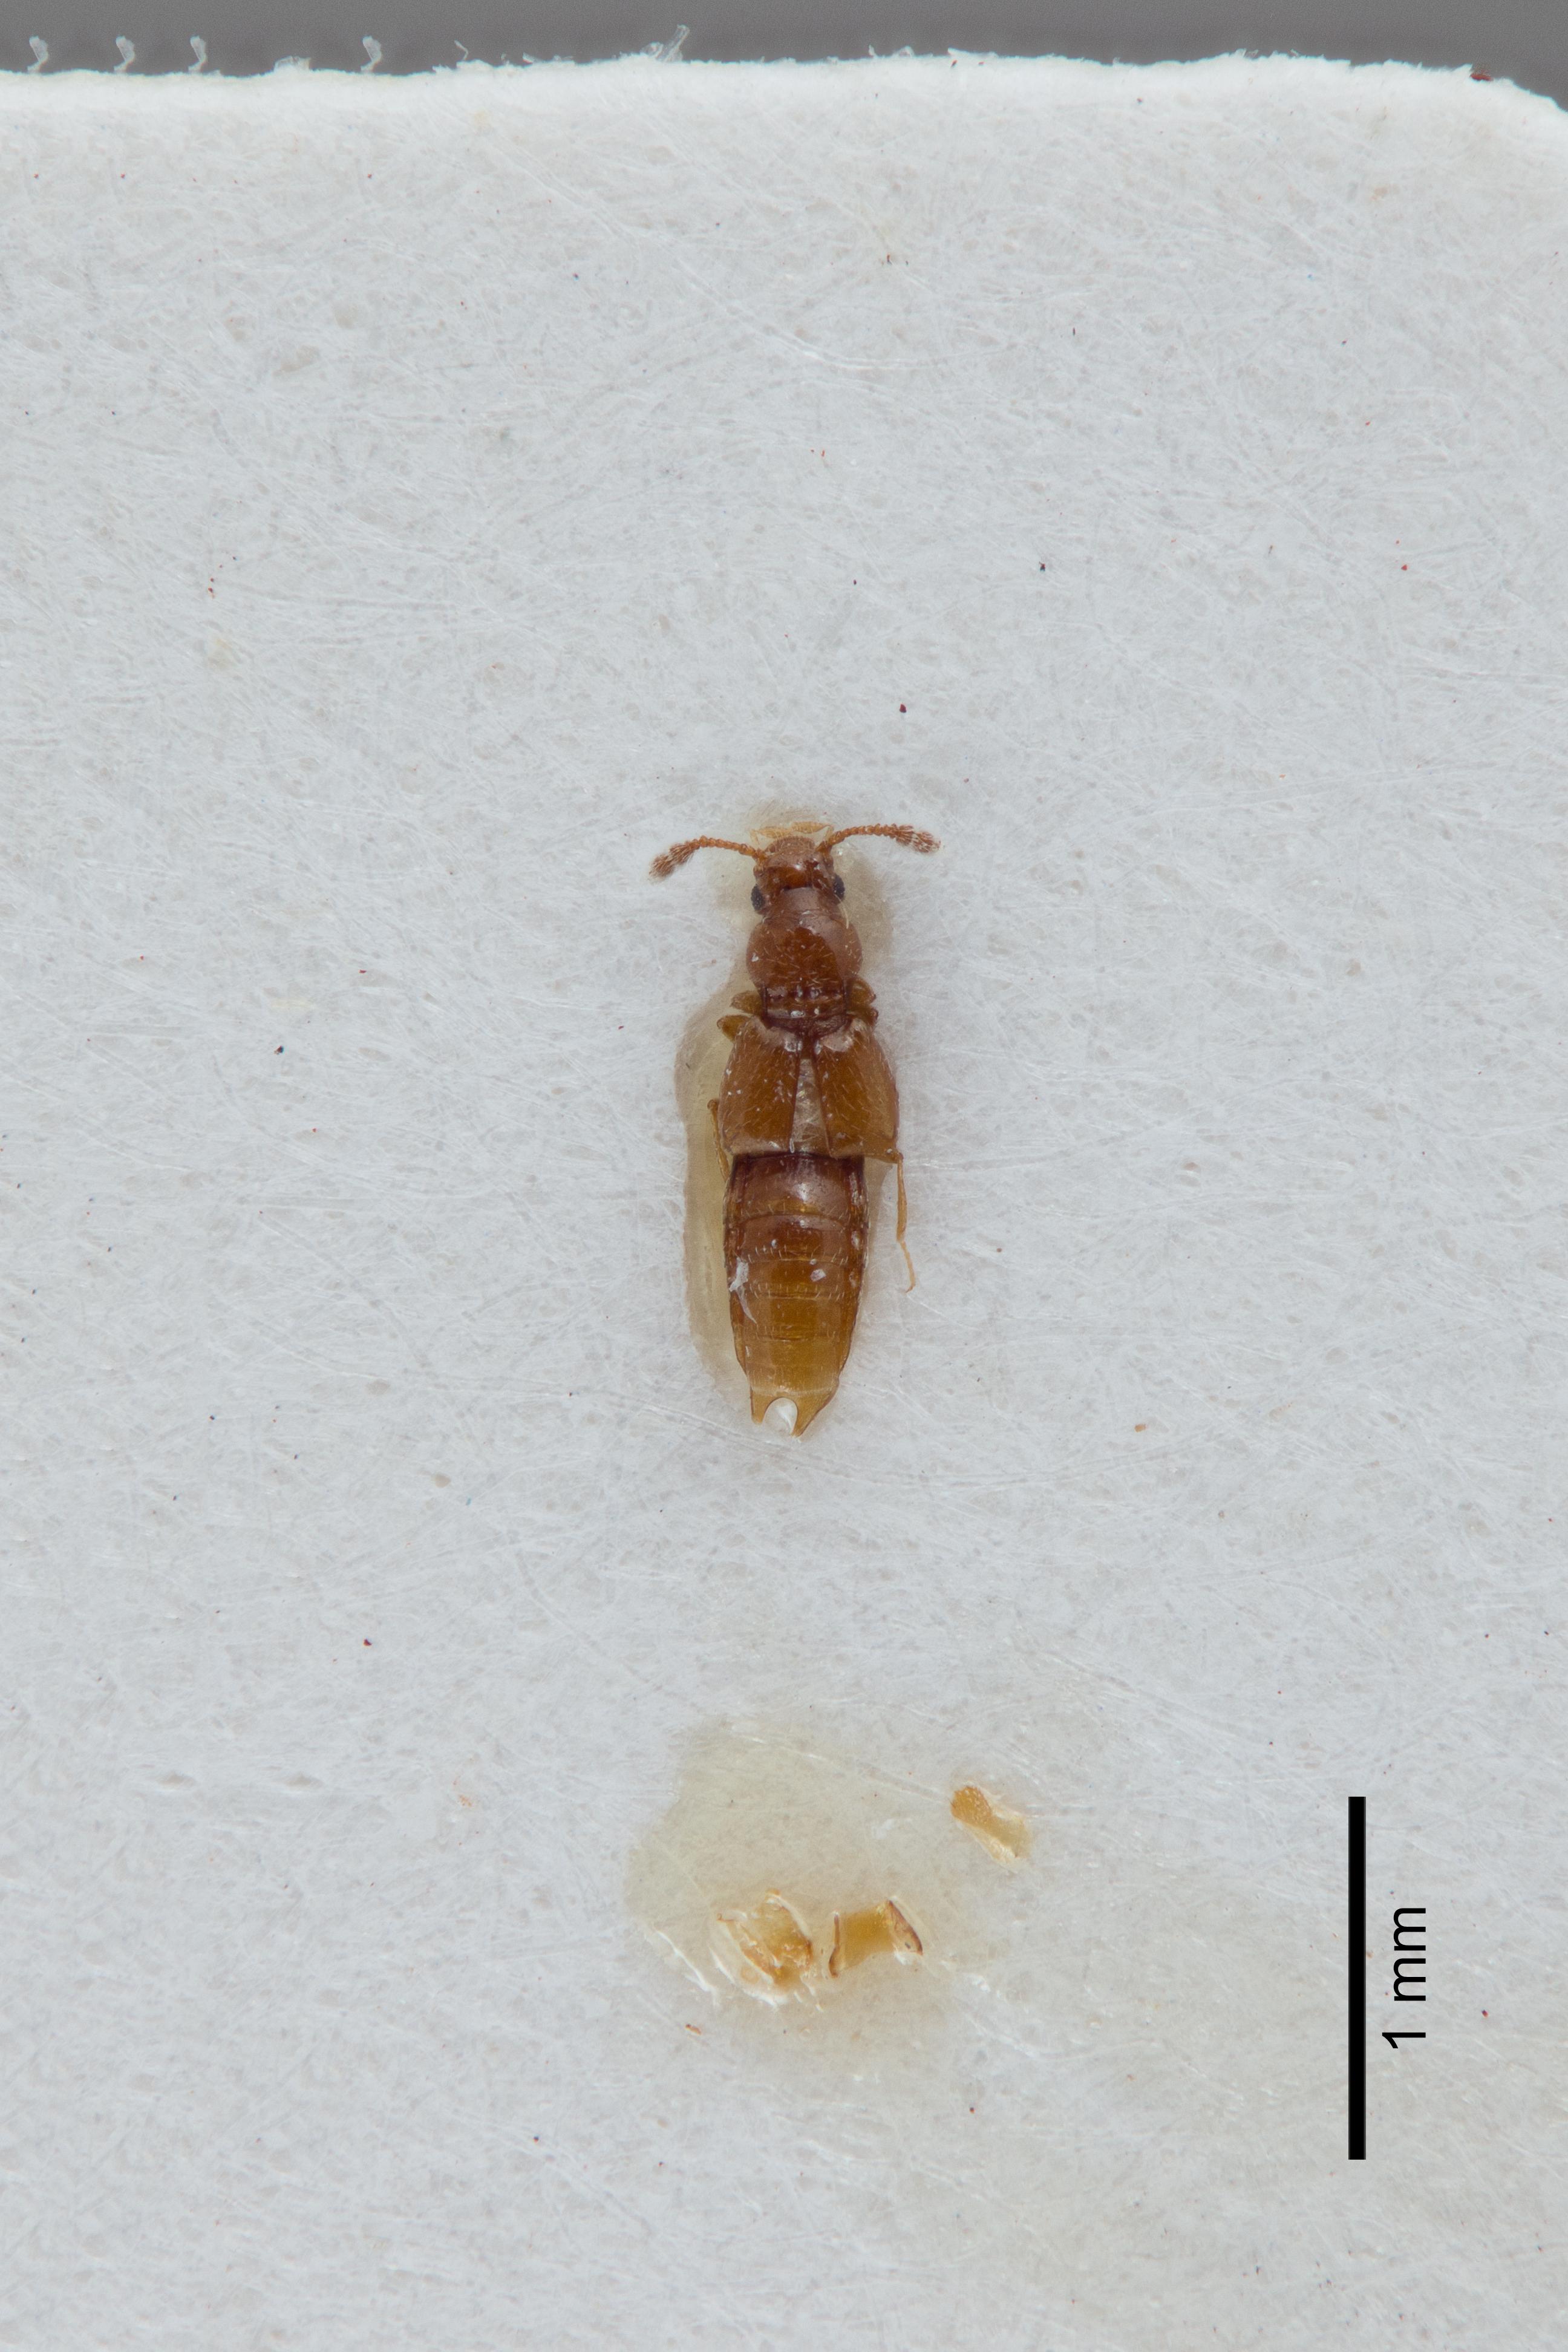 Image of Edaphus americanus